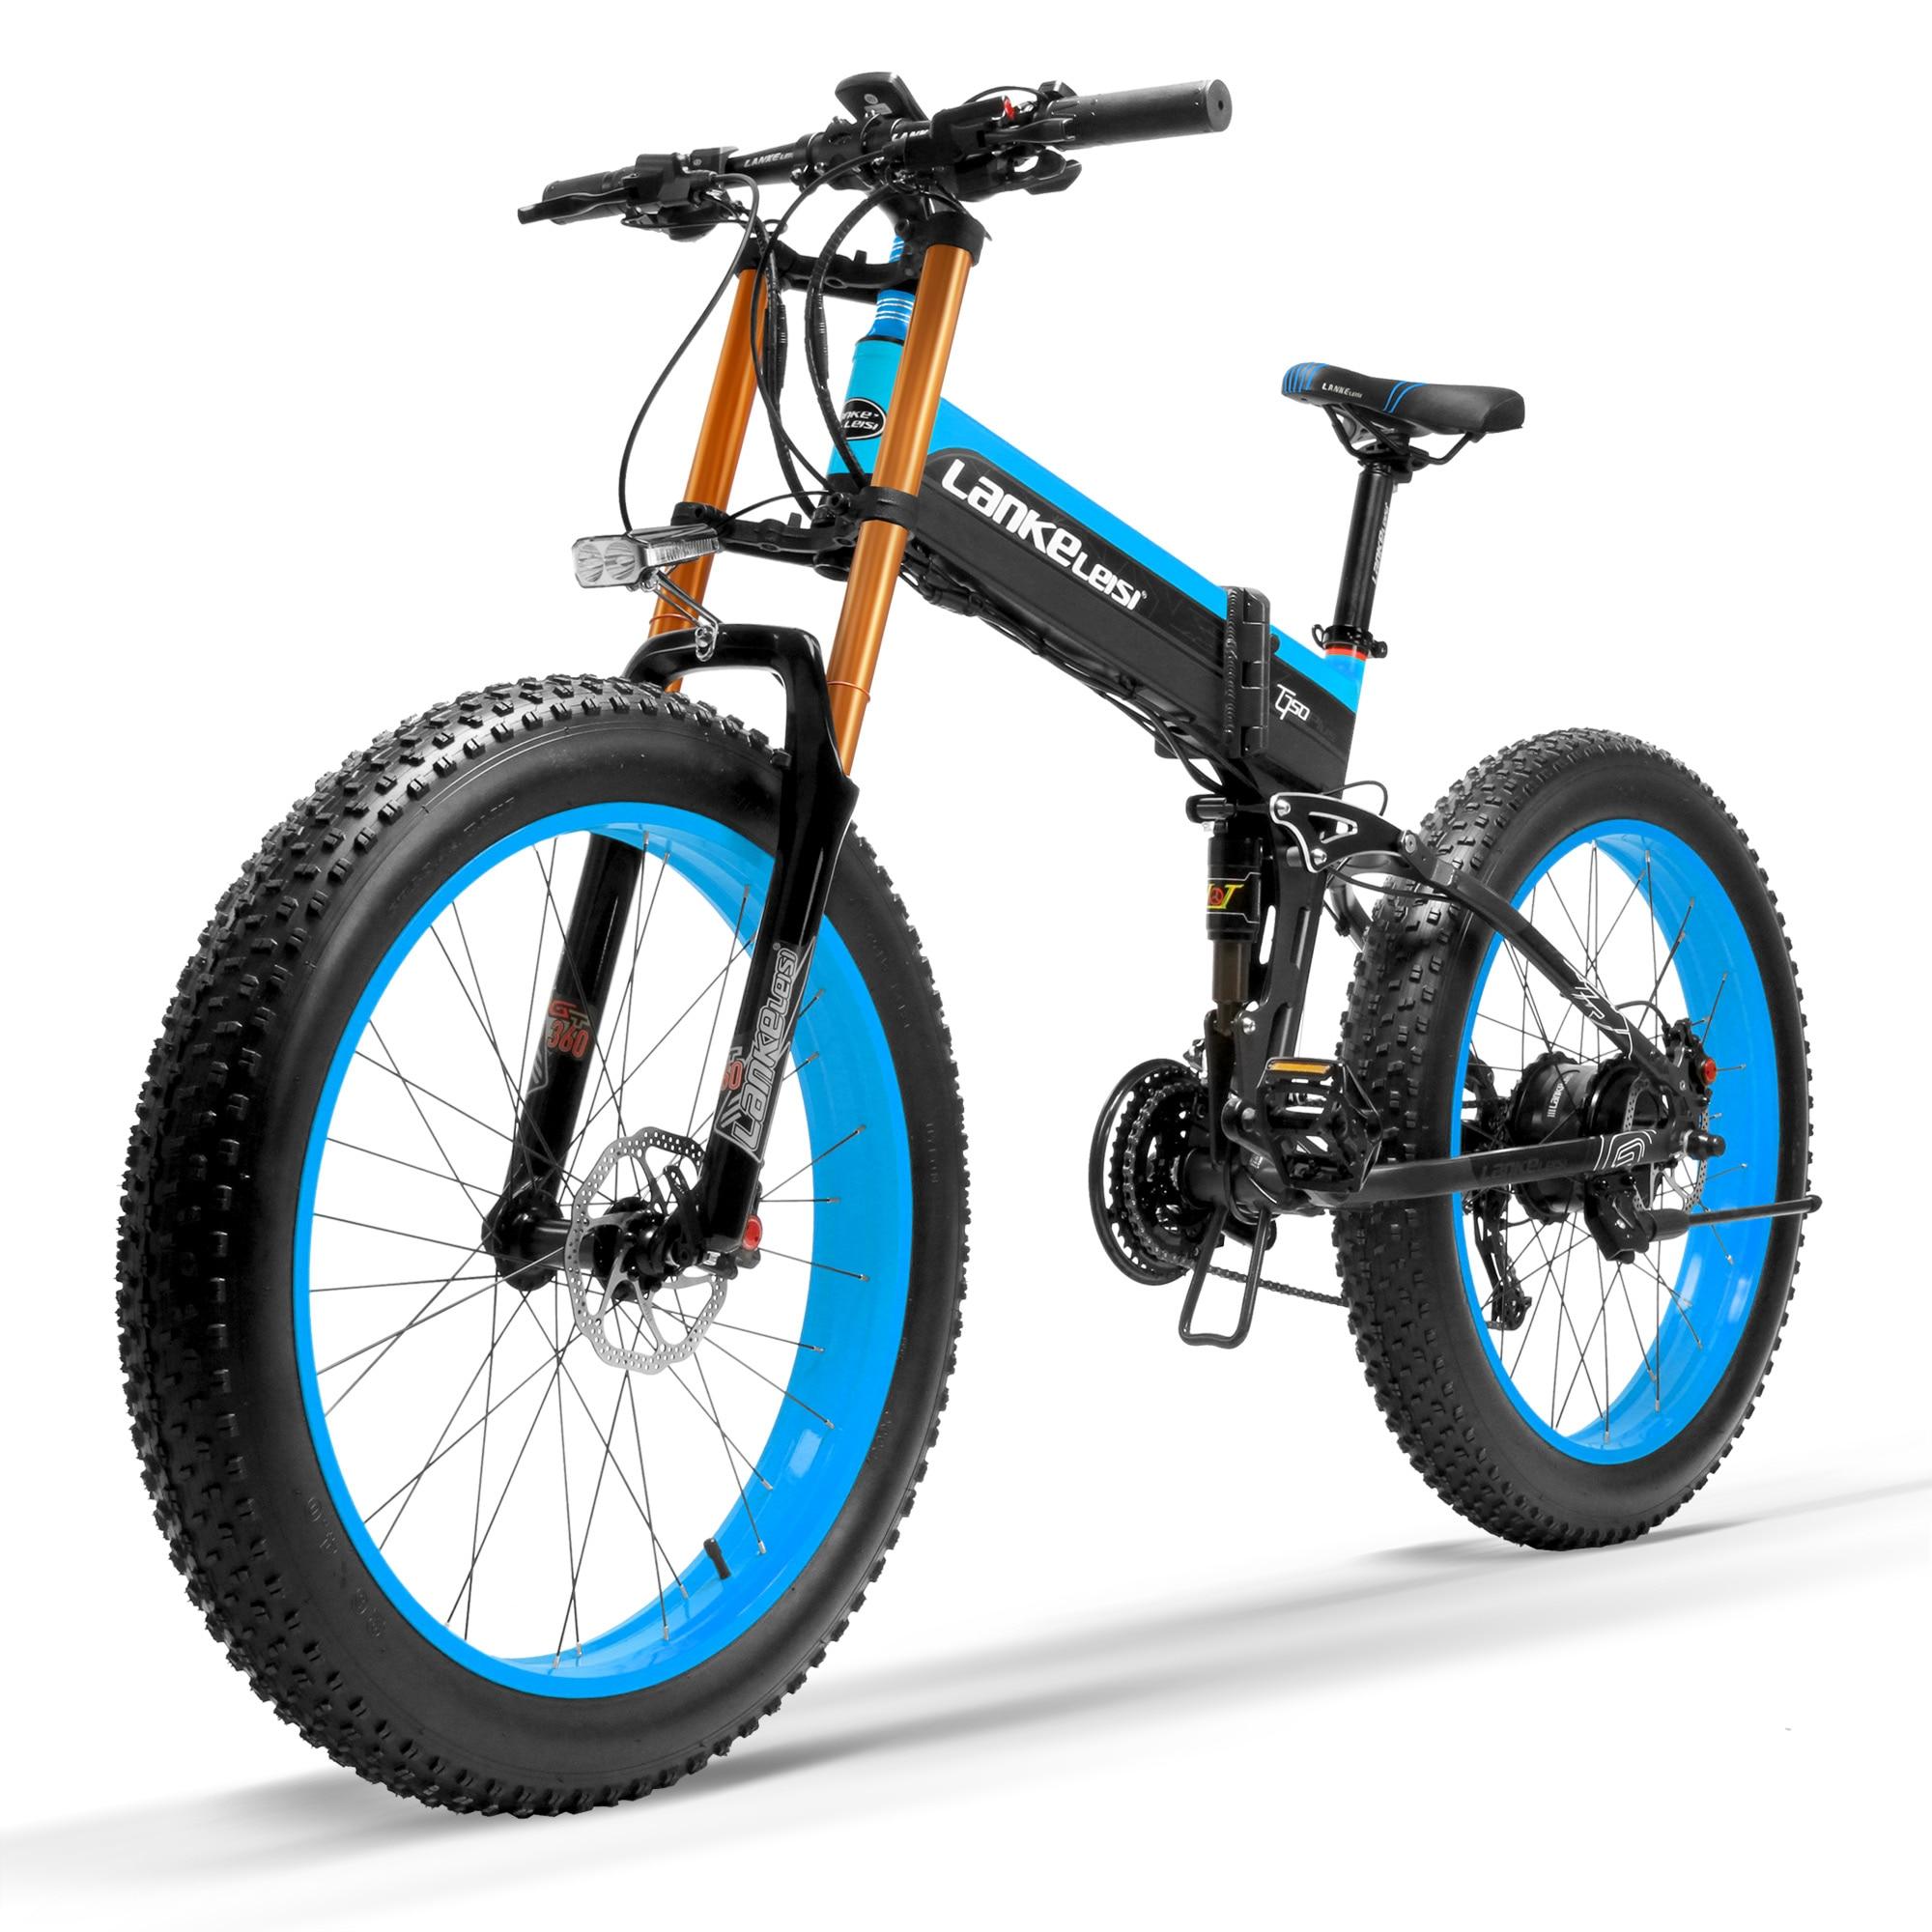 Scooter Eléctrico 1000W bicicleta eléctrica de dos ruedas 500W 48V 10AH/AH portátil plegable potente bicicleta eléctrica para adultos